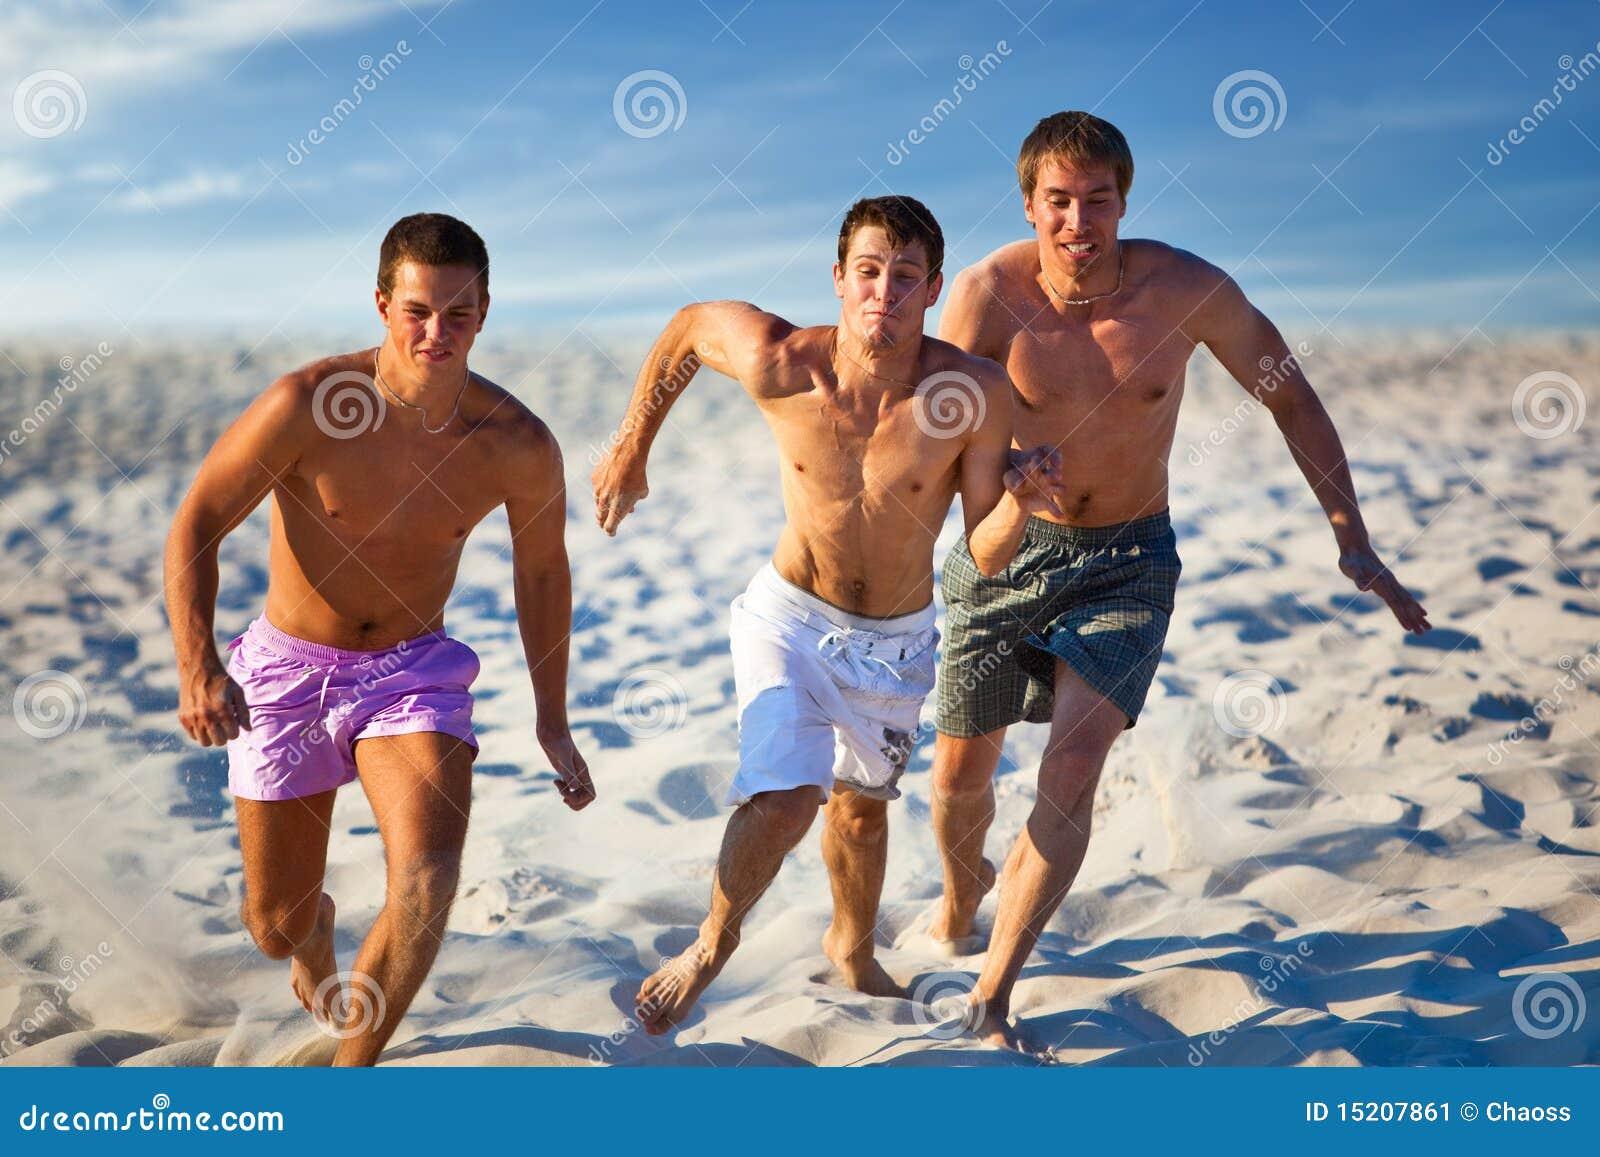 Трое парней на пляже 2 фотография